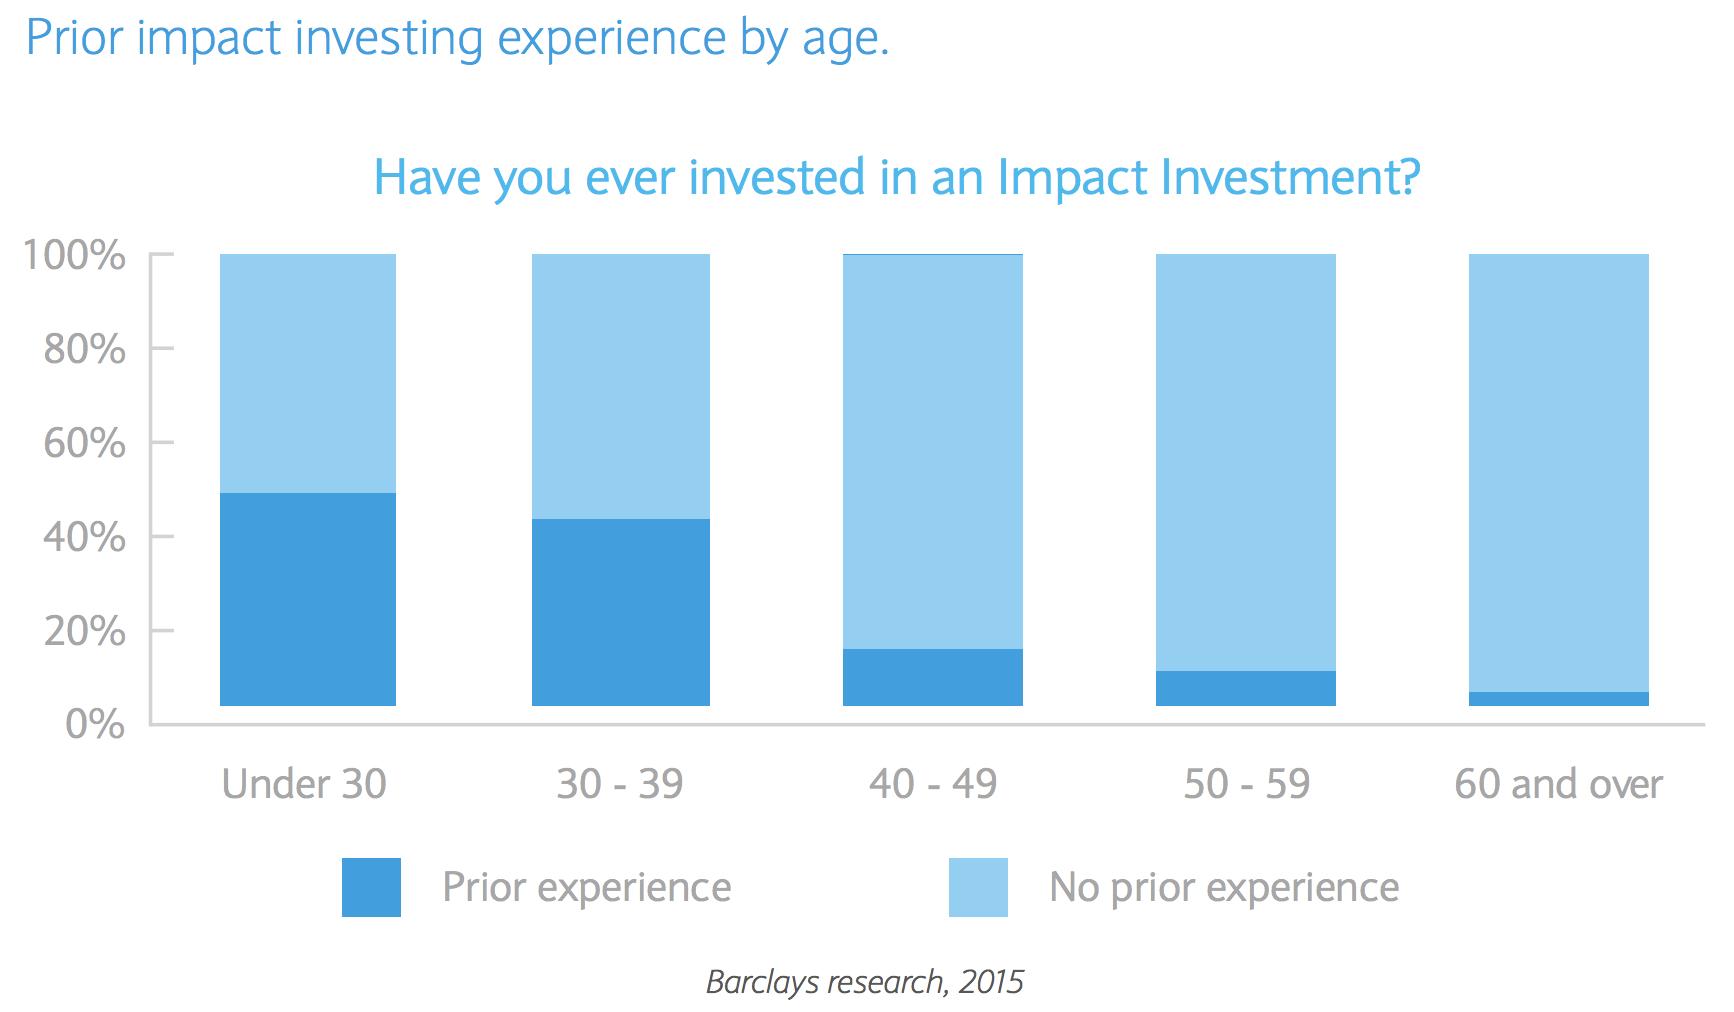 【イギリス】ミレニアル世代でESG投資関心高く、高齢層は非常に低い。バークレイズ調査 2